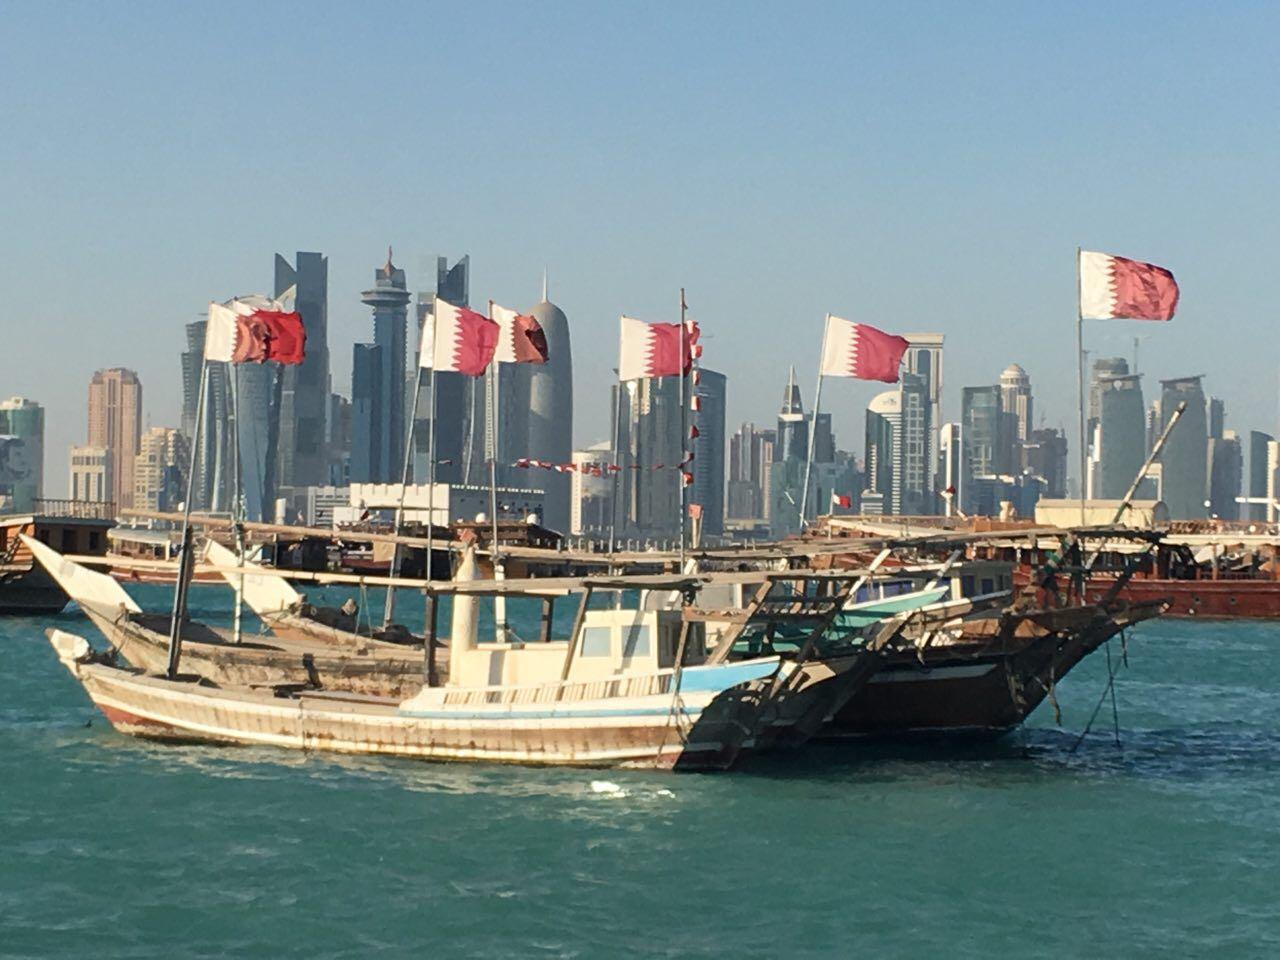 Contrastes. Viejas embarcaciones de transporte de cabras ahora muestran la moderna silueta de Doha a los turistas.